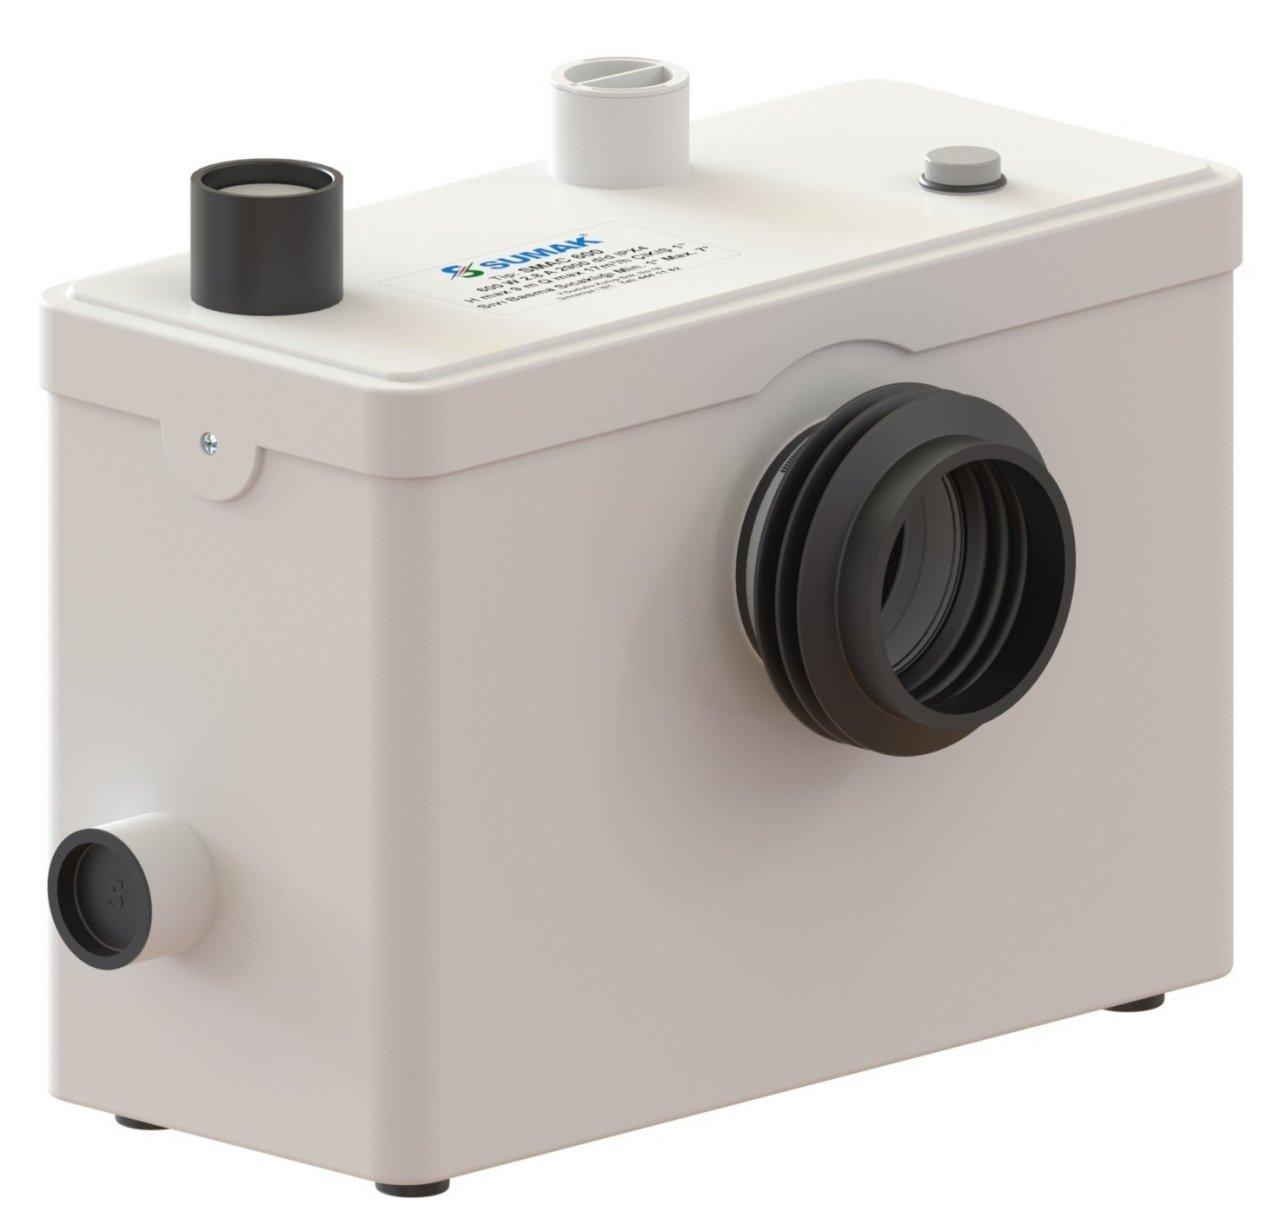 SMAC 600 Sumak WC Öğütücülü Bıçaklı Tahliye Pompası